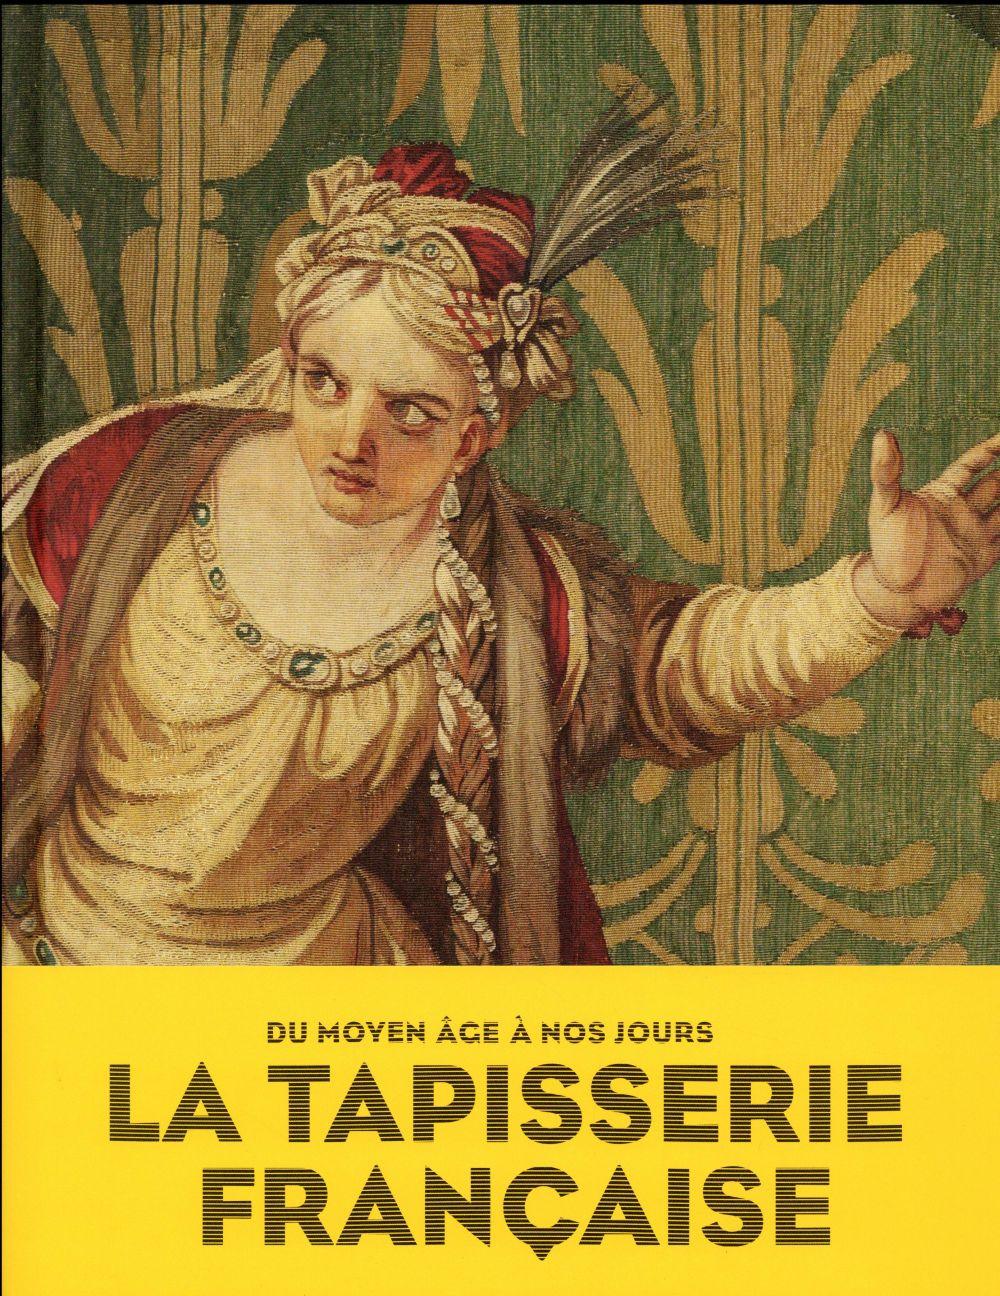 LA TAPISSERIE FRANCAISE